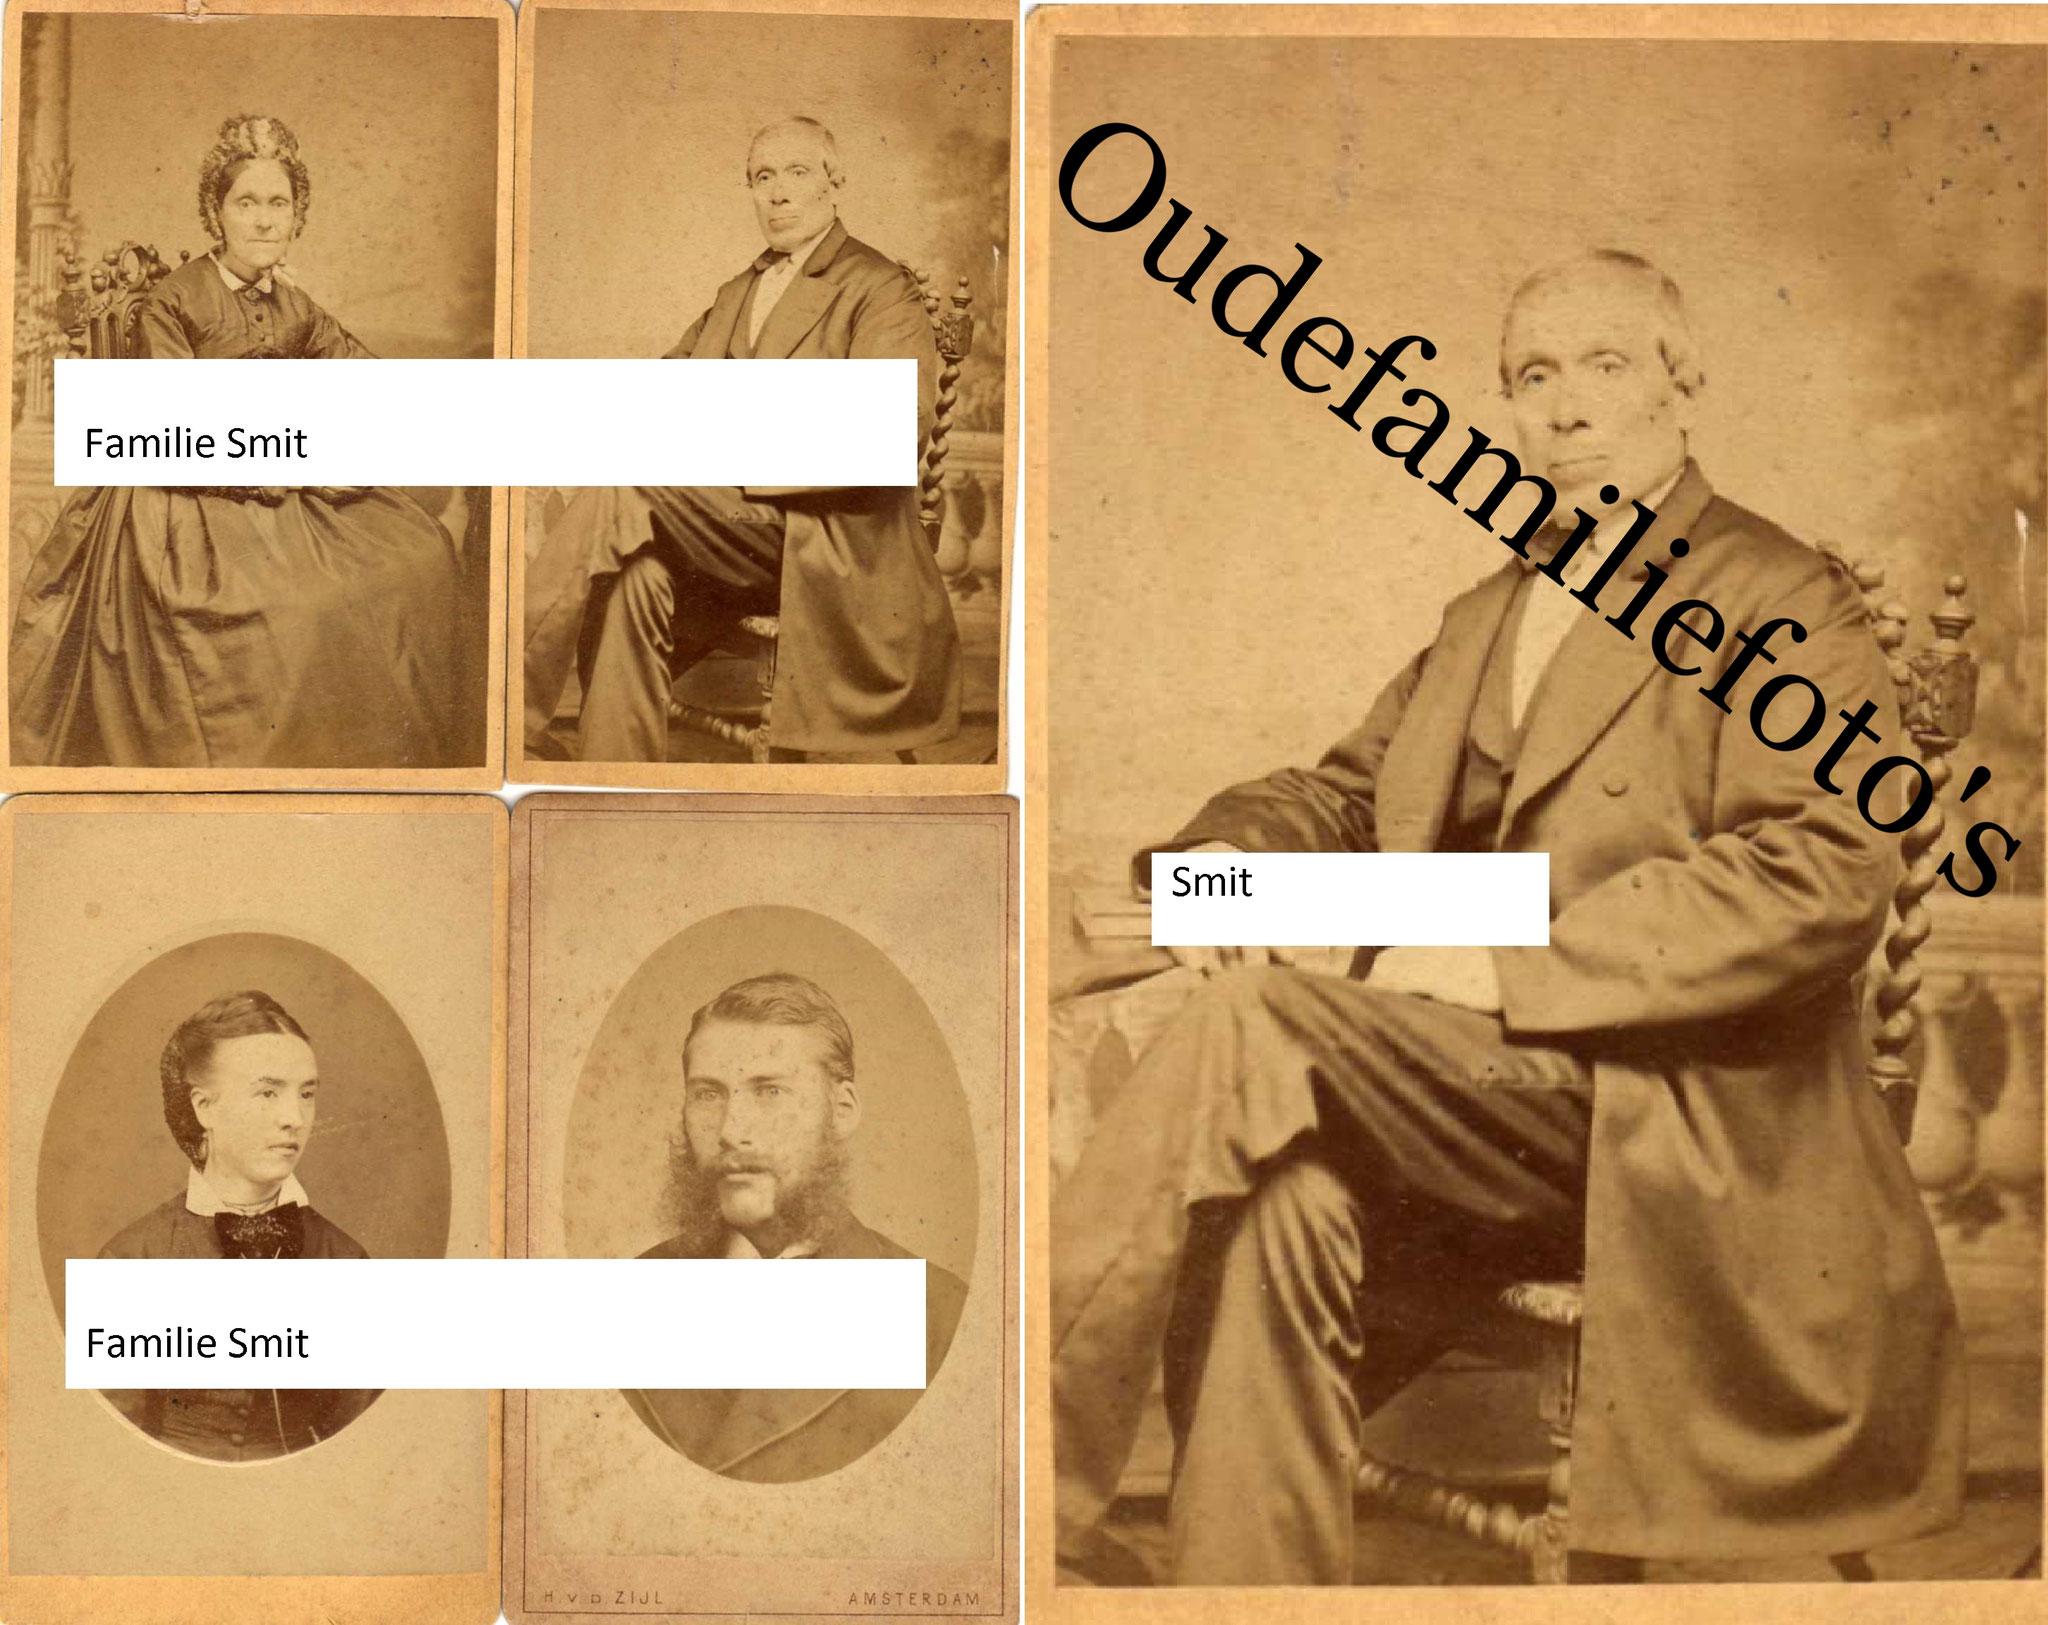 Smit, Barend Frederik. Geb. 29-9-1815 Hasselt. Ovl. 23-6-1882. Getrouwd 29-9-1841 met Anna Maria Blom. € gratis voor aantoonbare familie.